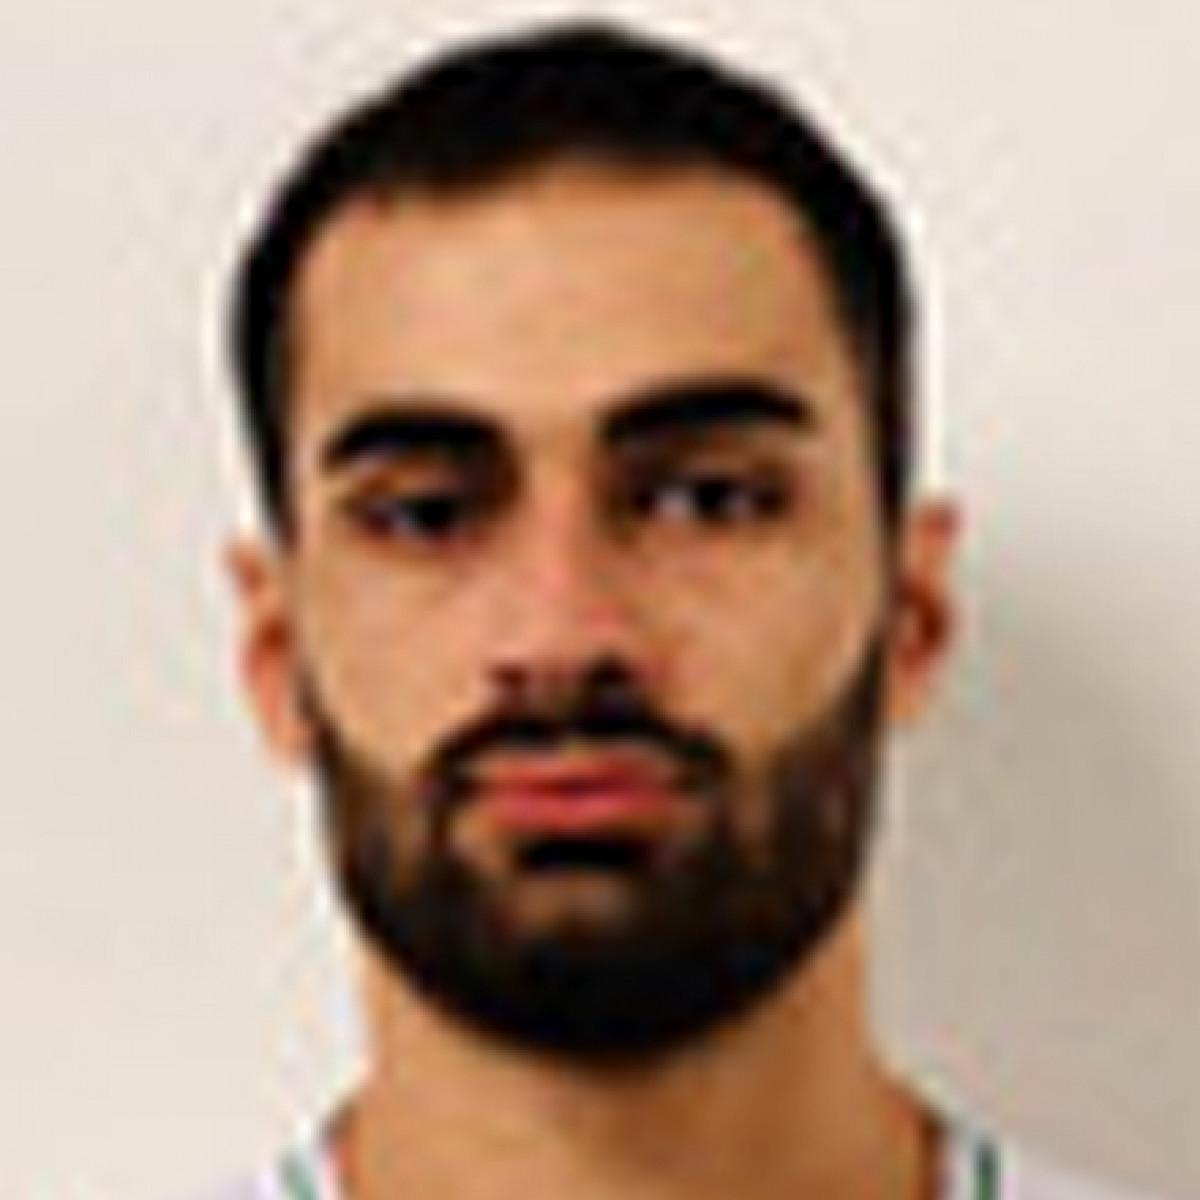 Otar Amonashvili